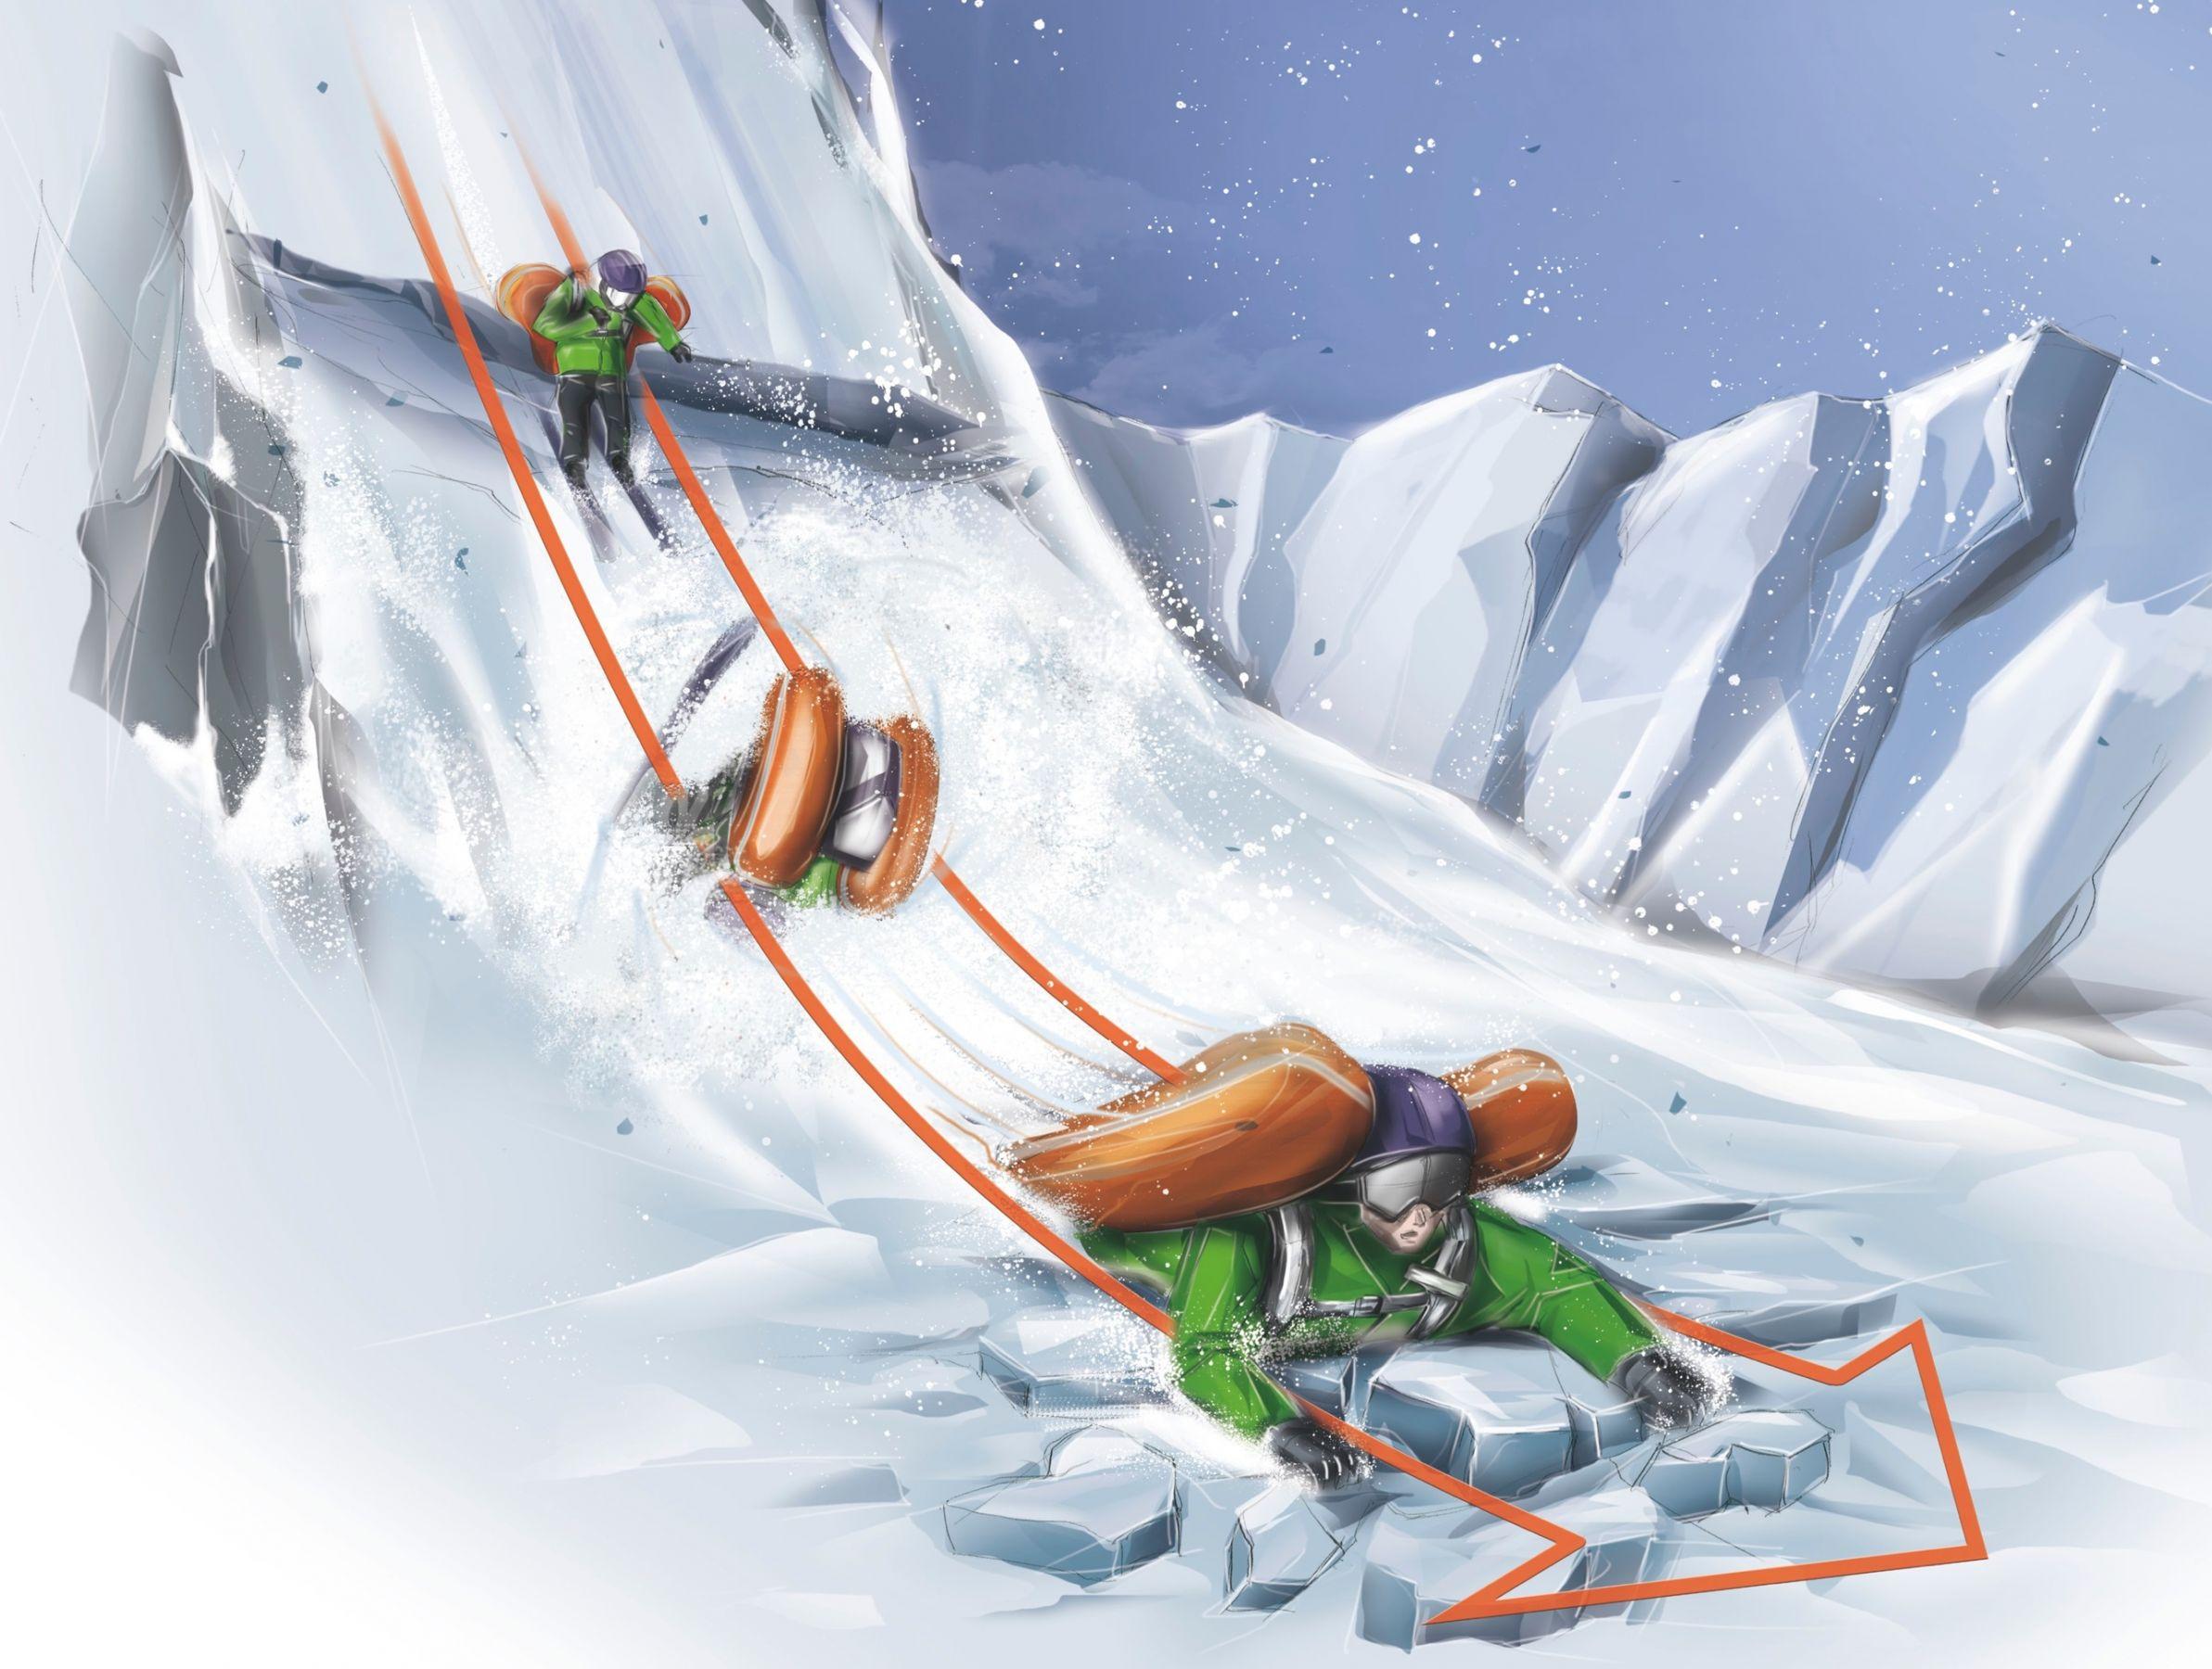 Принцип действия лавинного рюкзака ABS